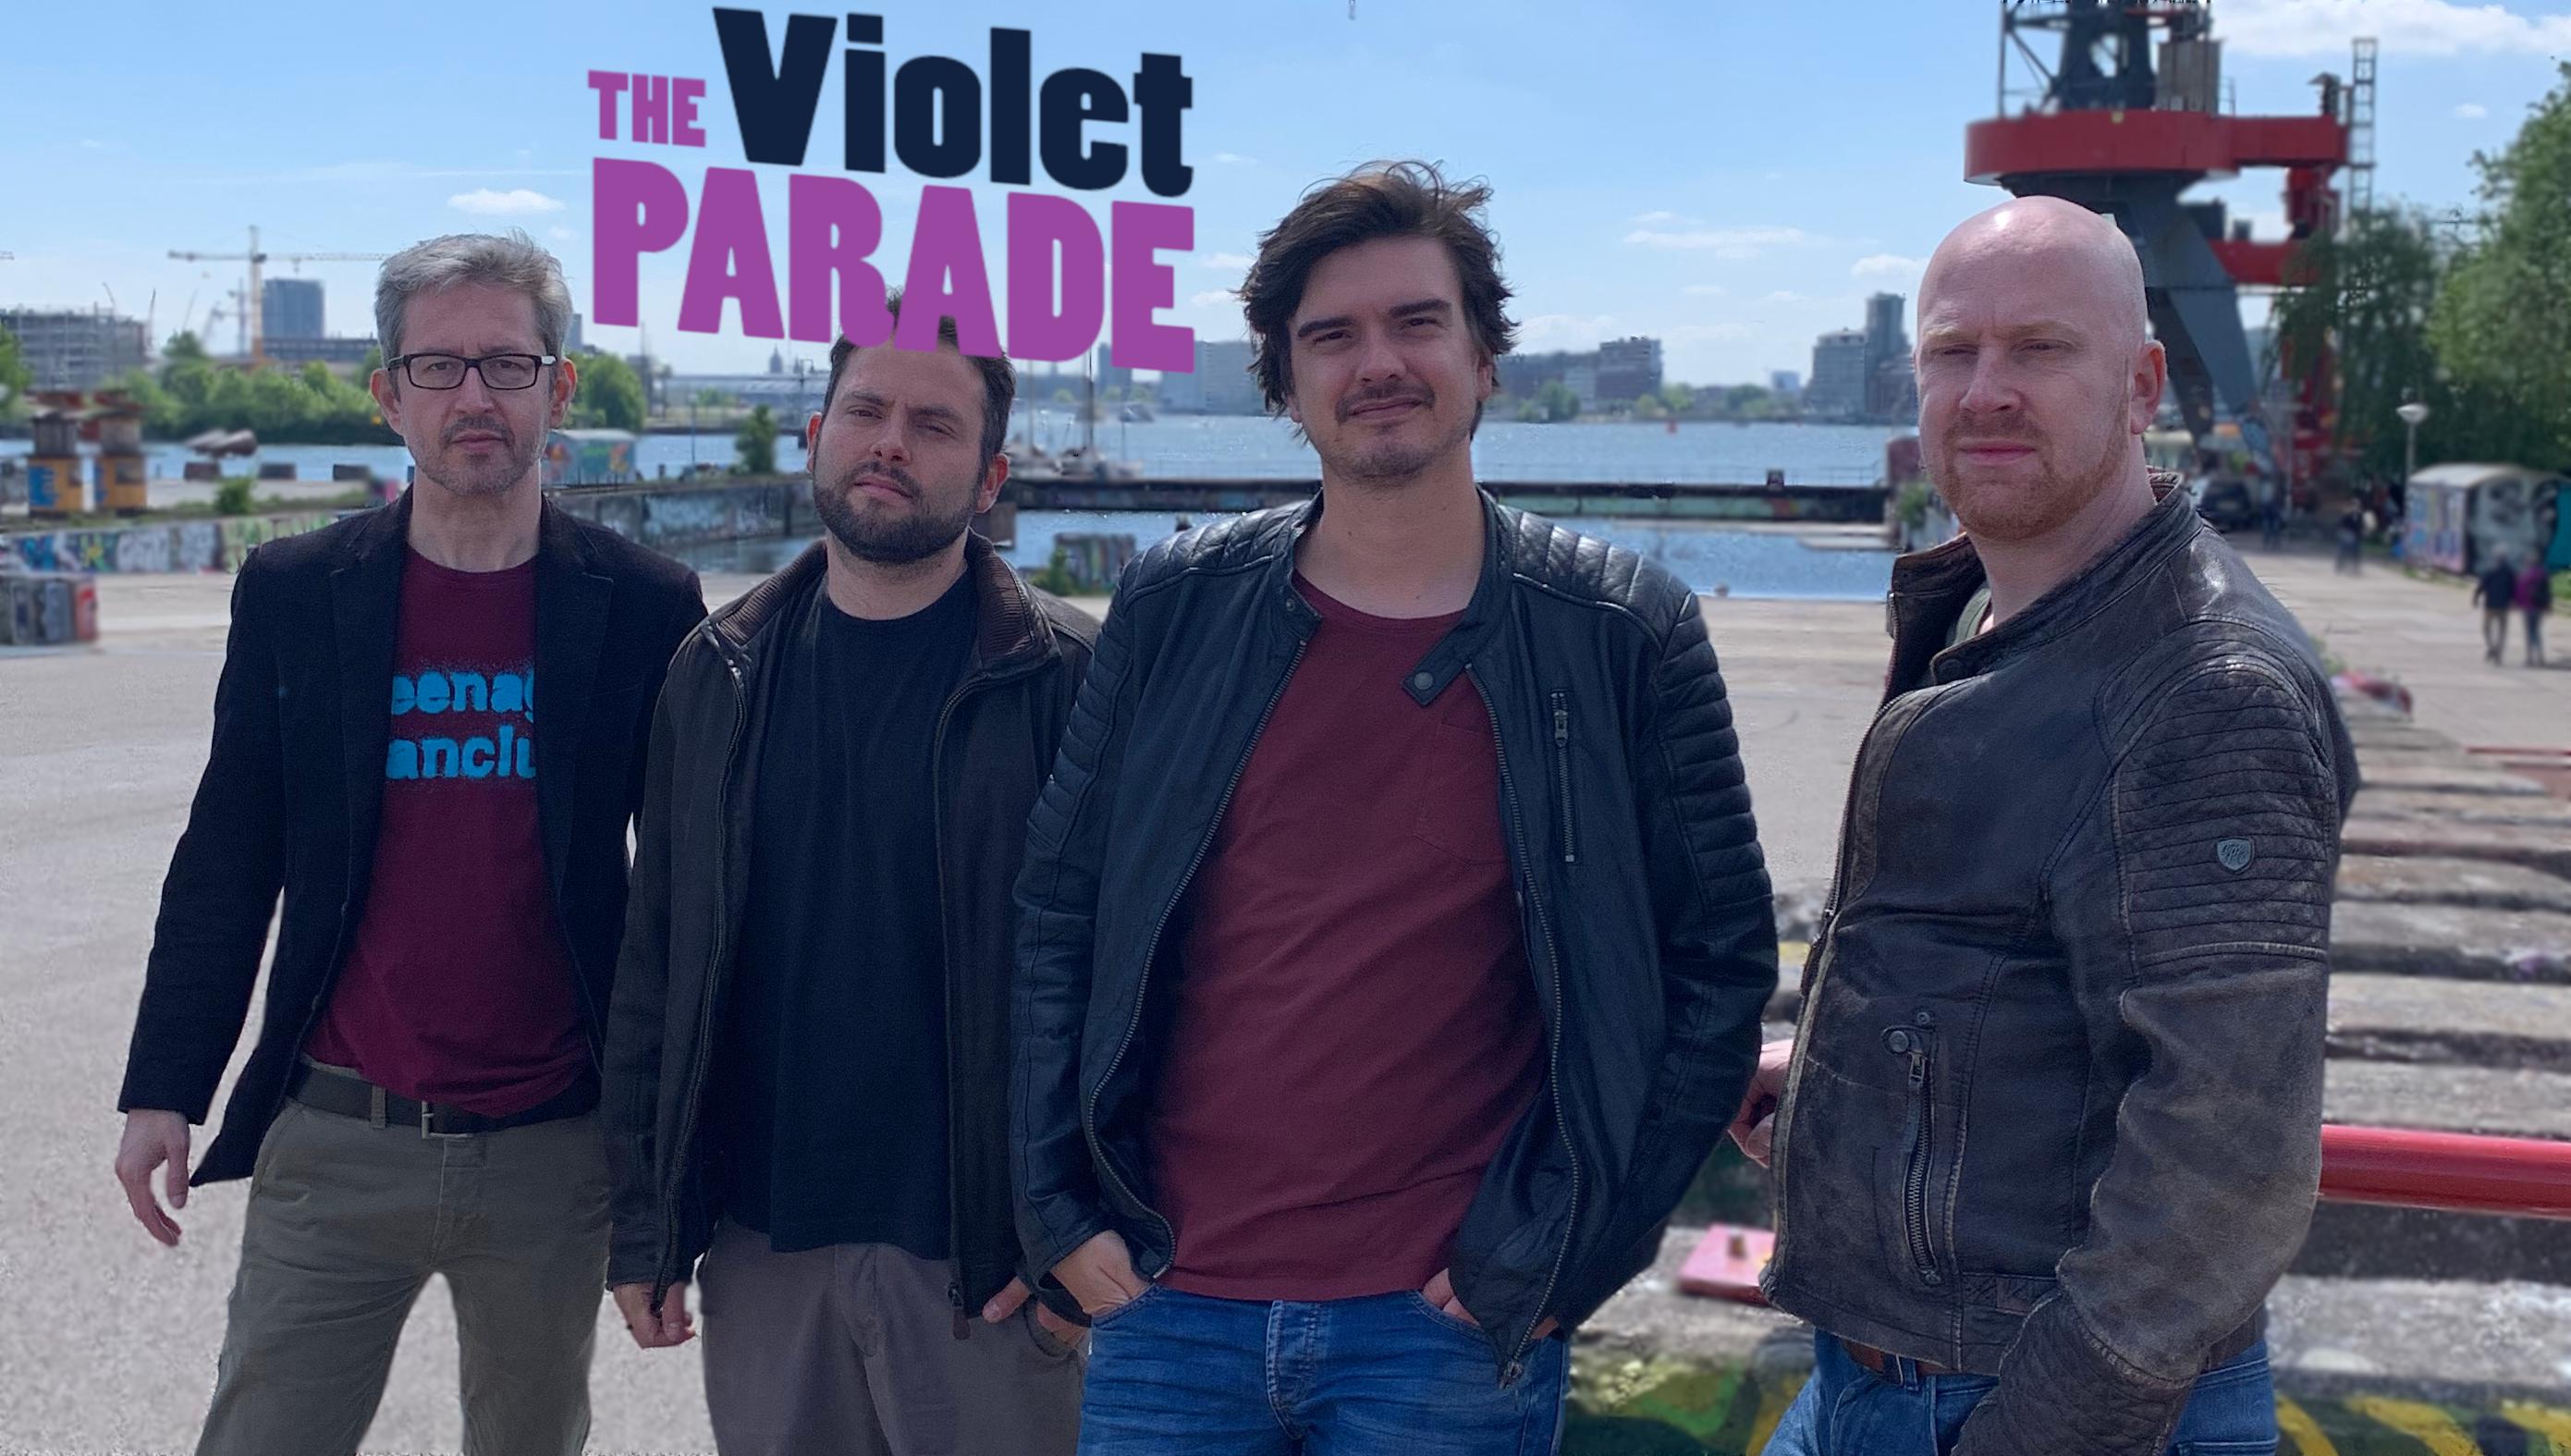 The Violet Parade